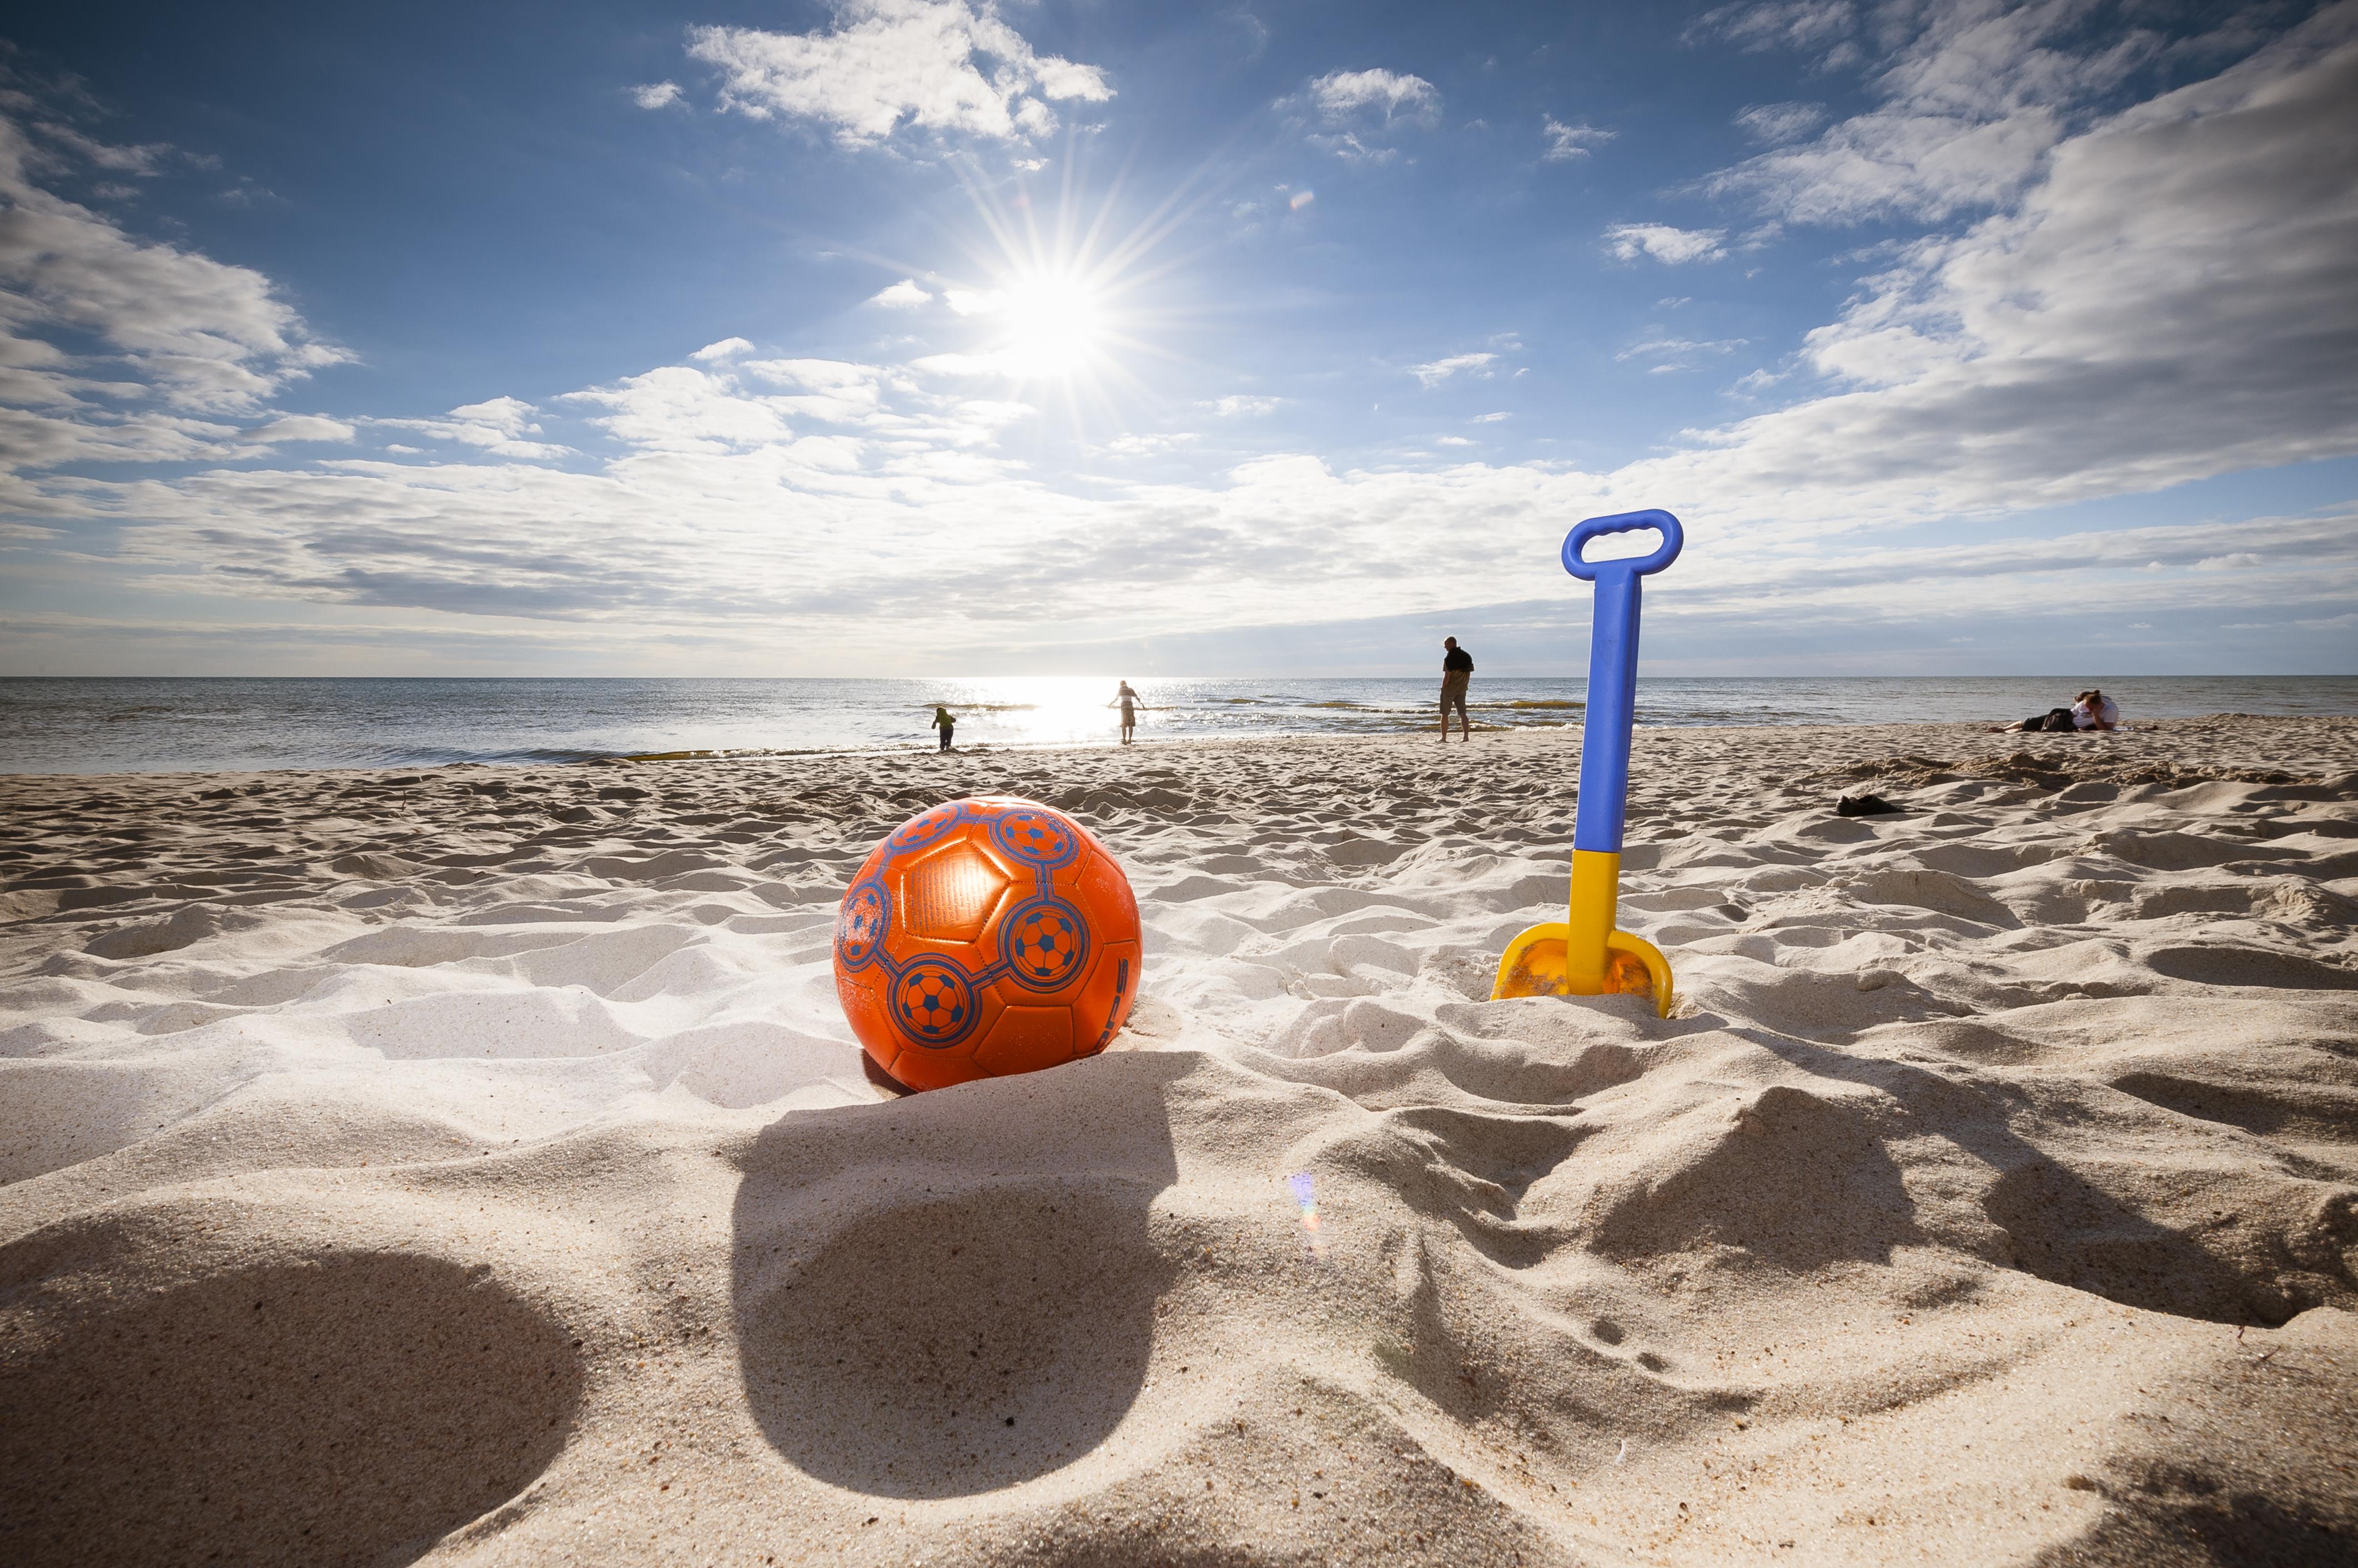 картинка игрушка на берегу моря приведем